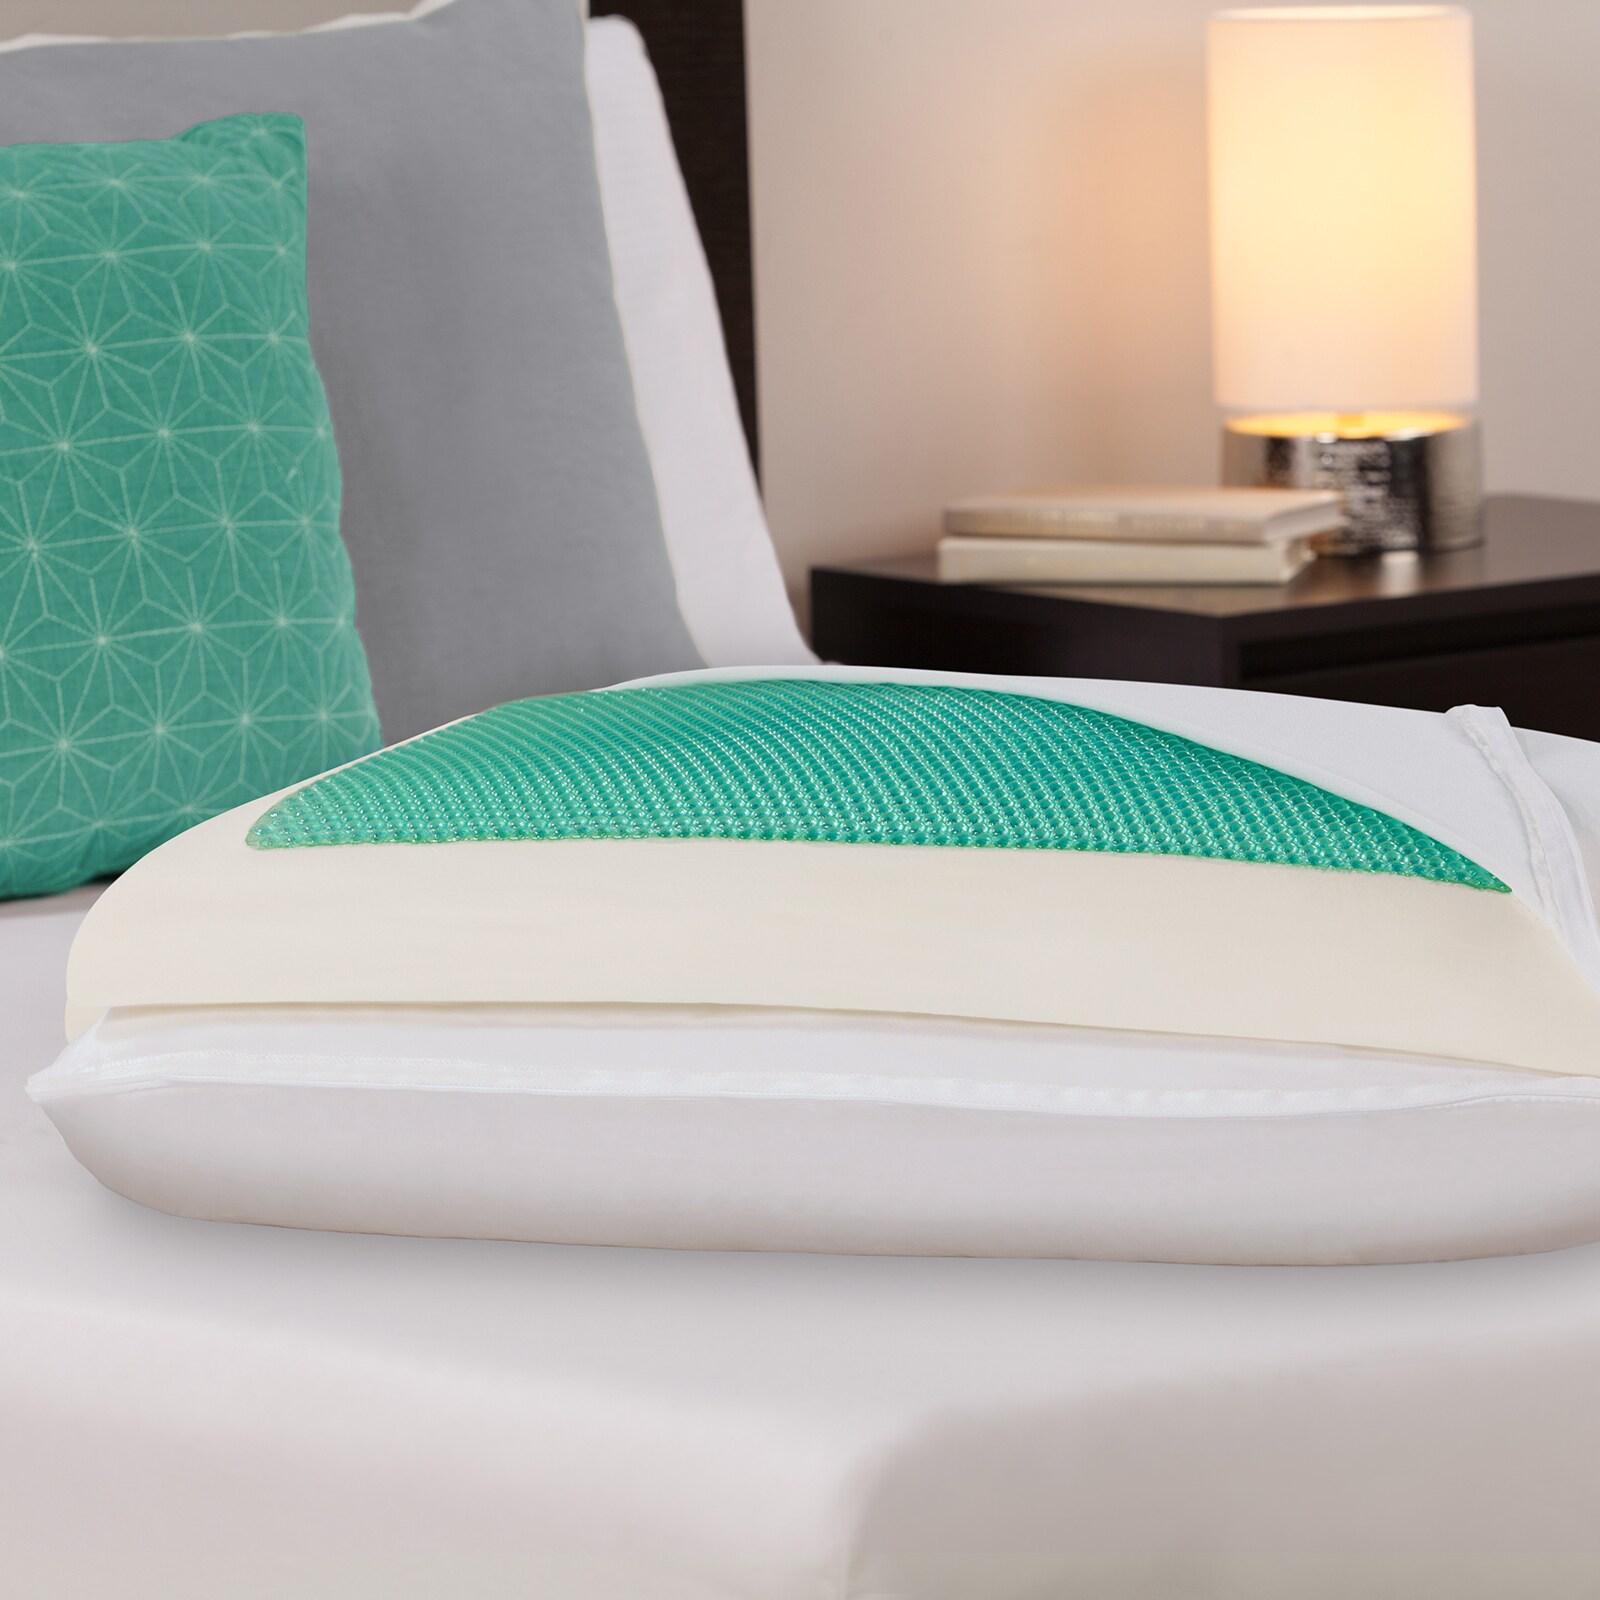 Comfort Memories Gel Memory Foam Bed Pillow (Queen)